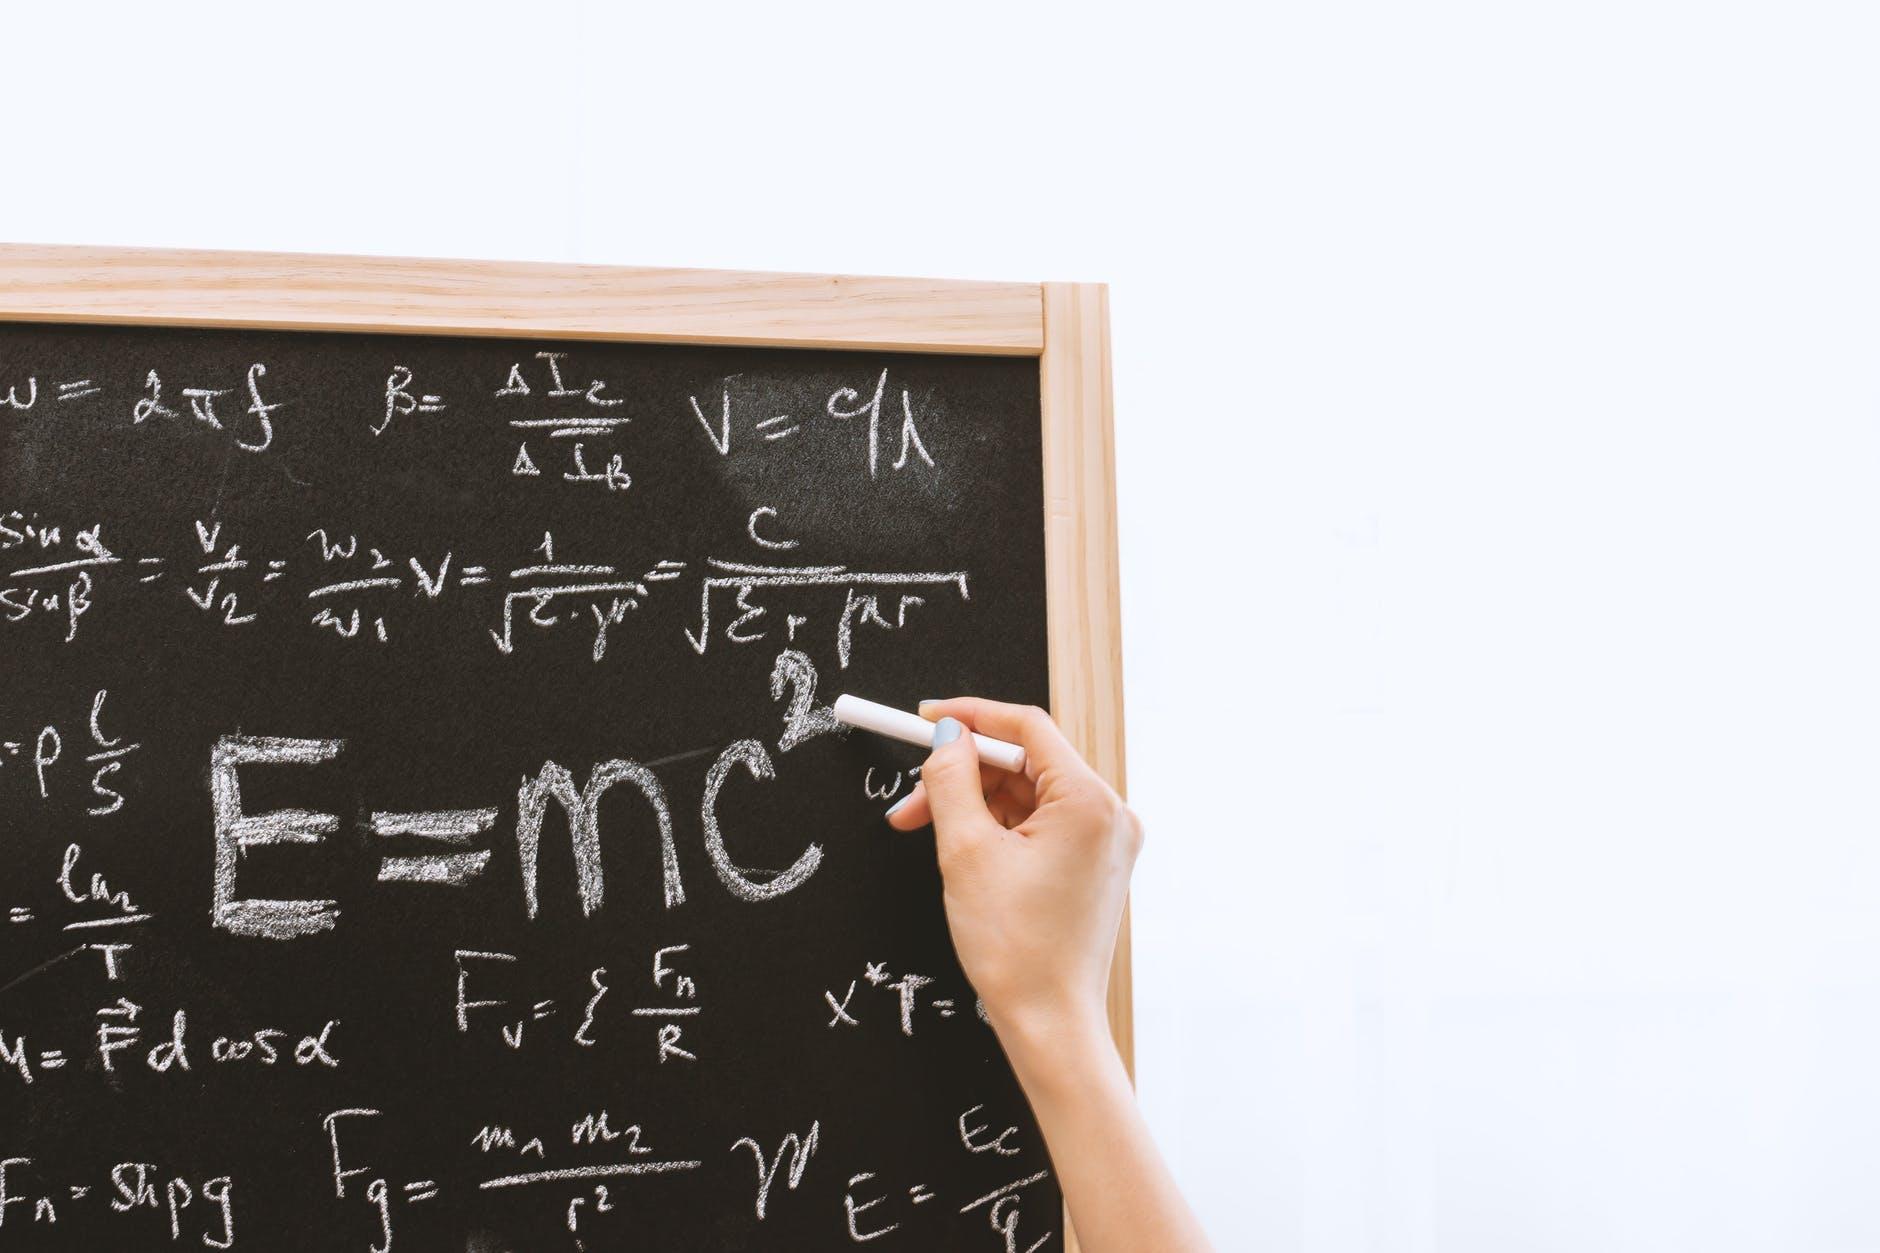 《好好学习:个人知识管理精进指南》引言 什么是知识 笔记